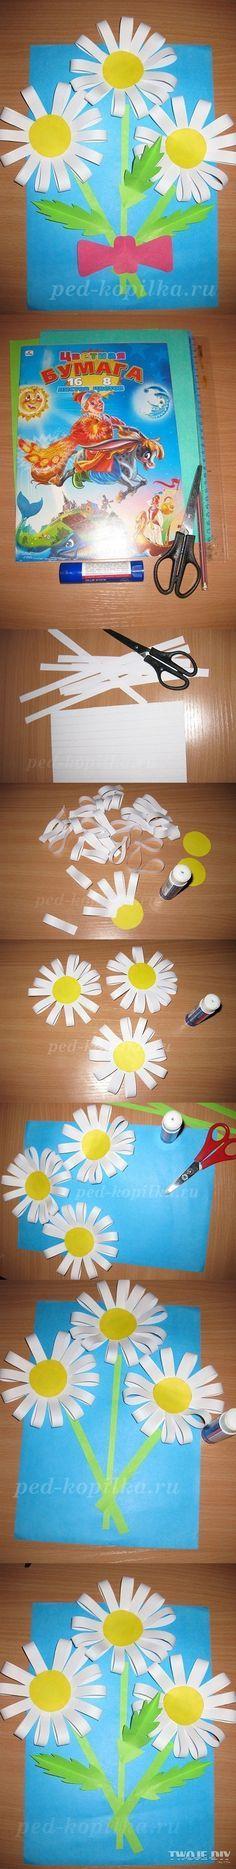 Laboratori ed attività per la festa della mamma Idee da proporre ai bambini per lavoretti per la mamma per idee regalo originali e riciclate